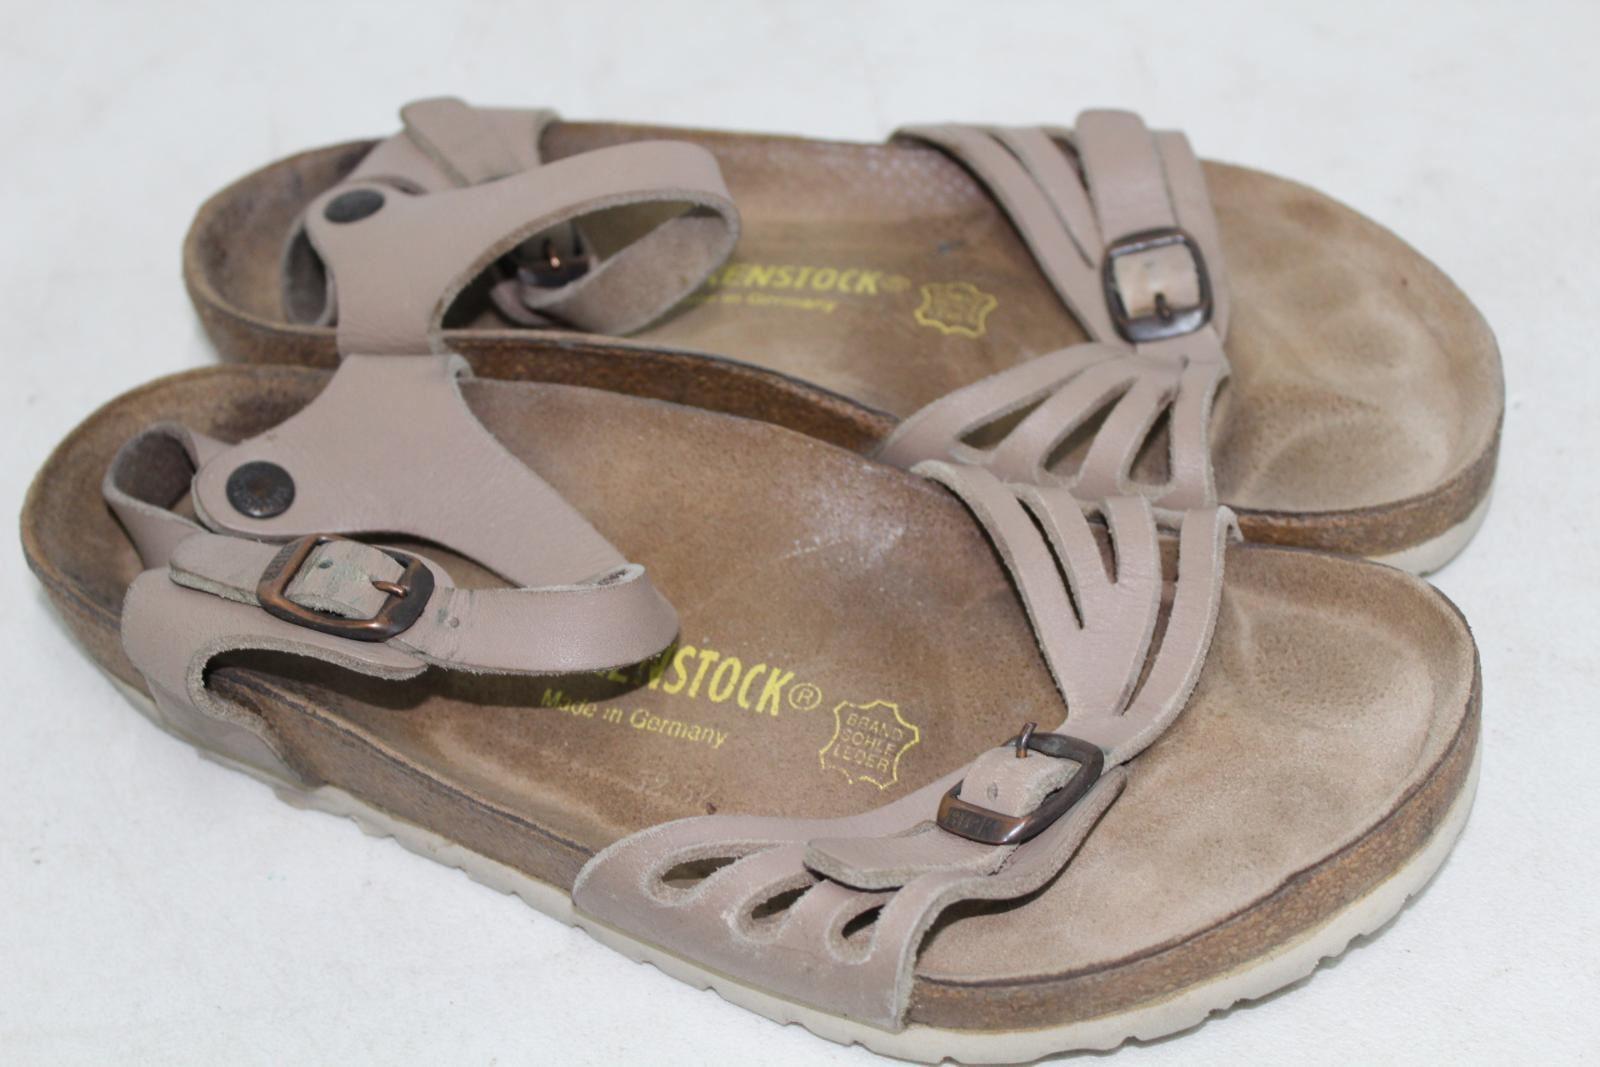 Birkenstock, Damenschuhe gebraucht kaufen in Moers | eBay